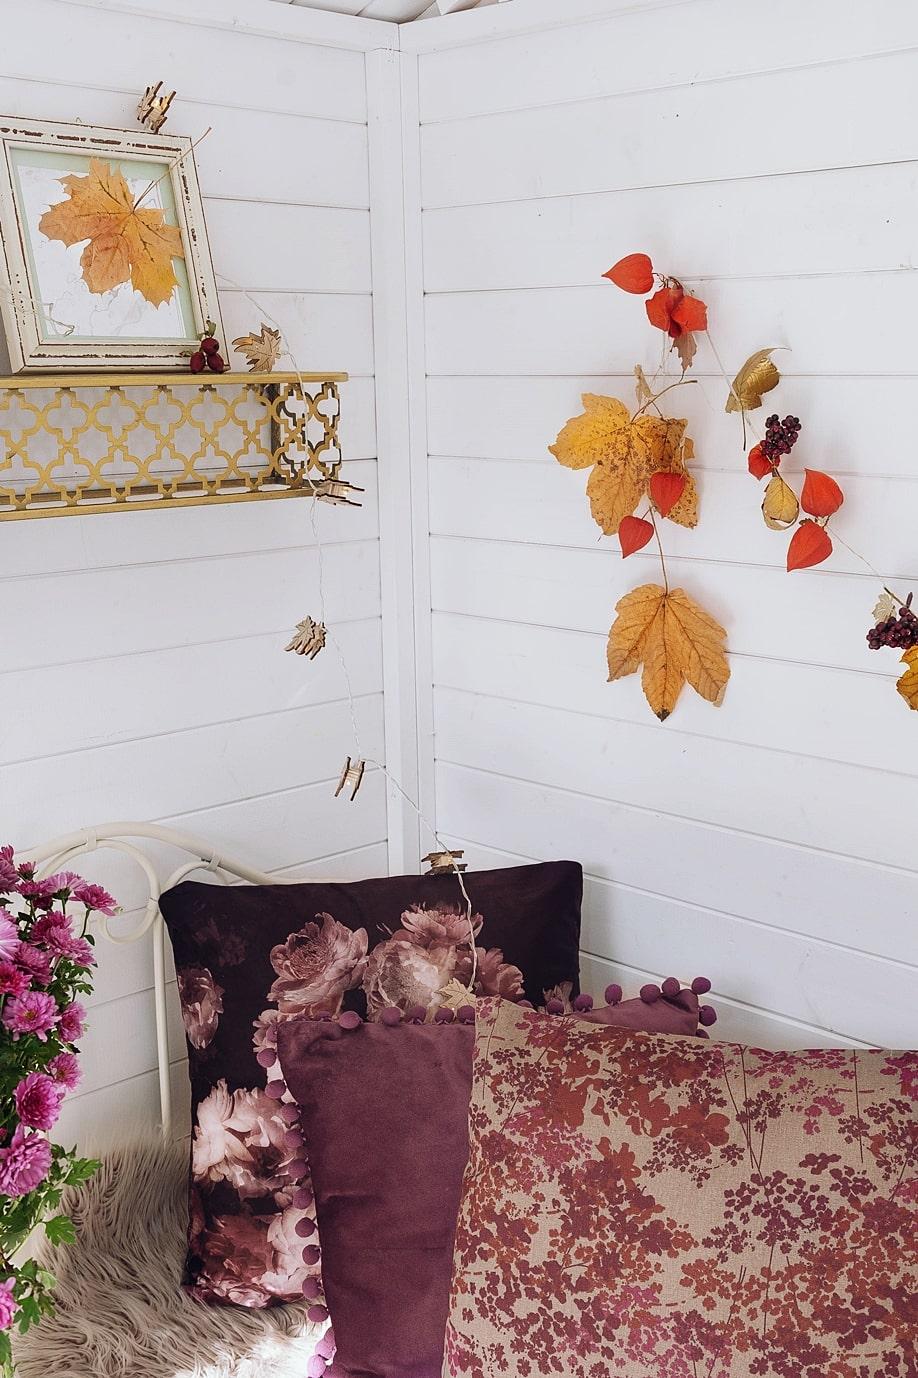 Naturmaterialien sorgen für Herbststimmung in unserem Zuhause.